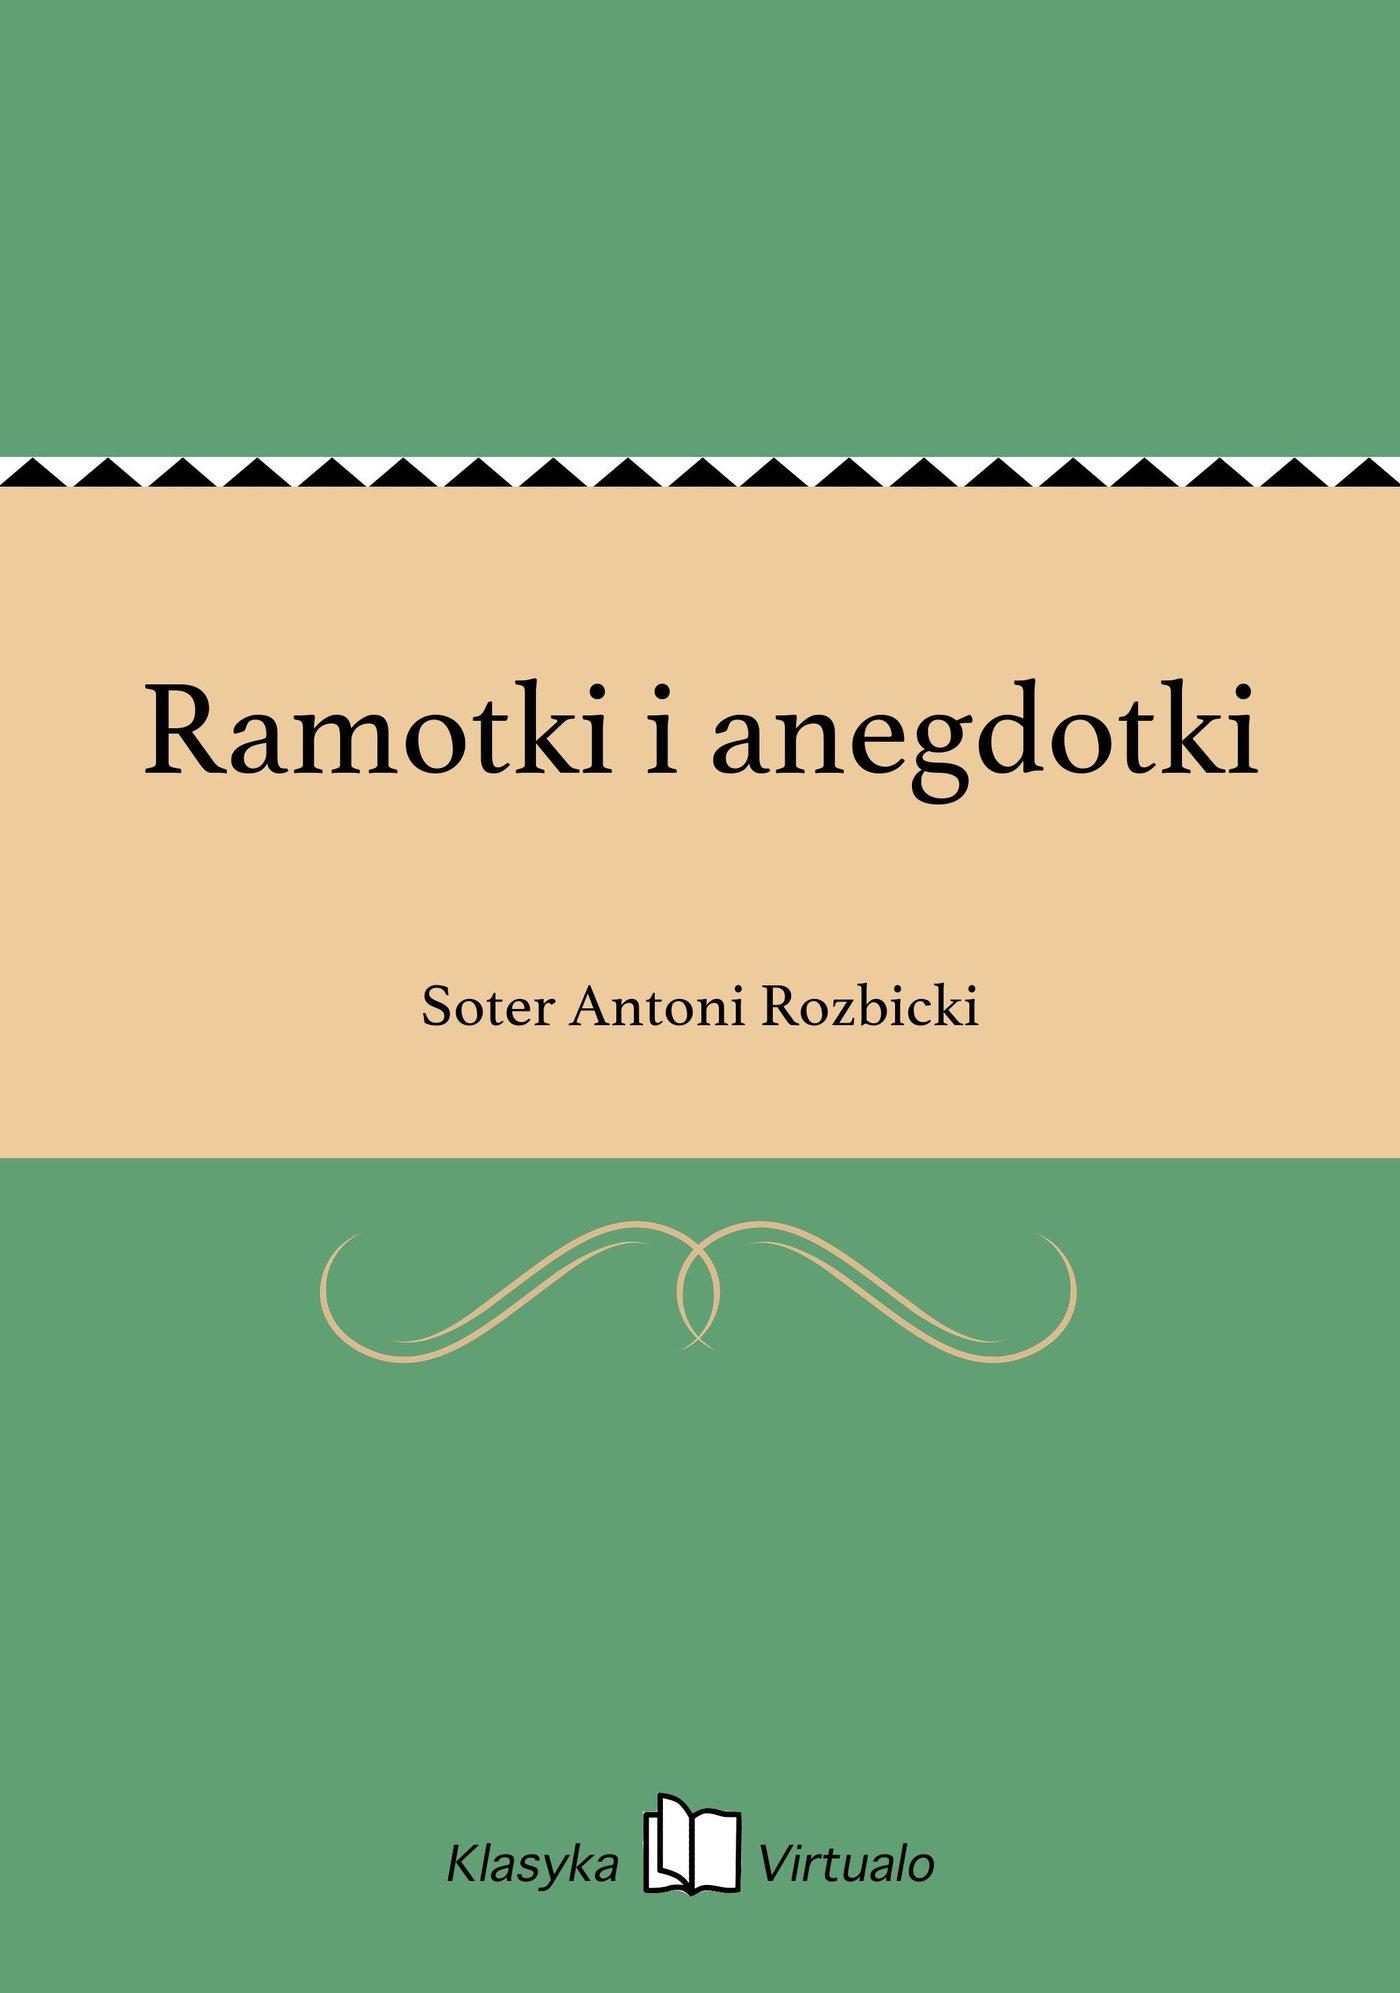 Ramotki i anegdotki - Ebook (Książka na Kindle) do pobrania w formacie MOBI